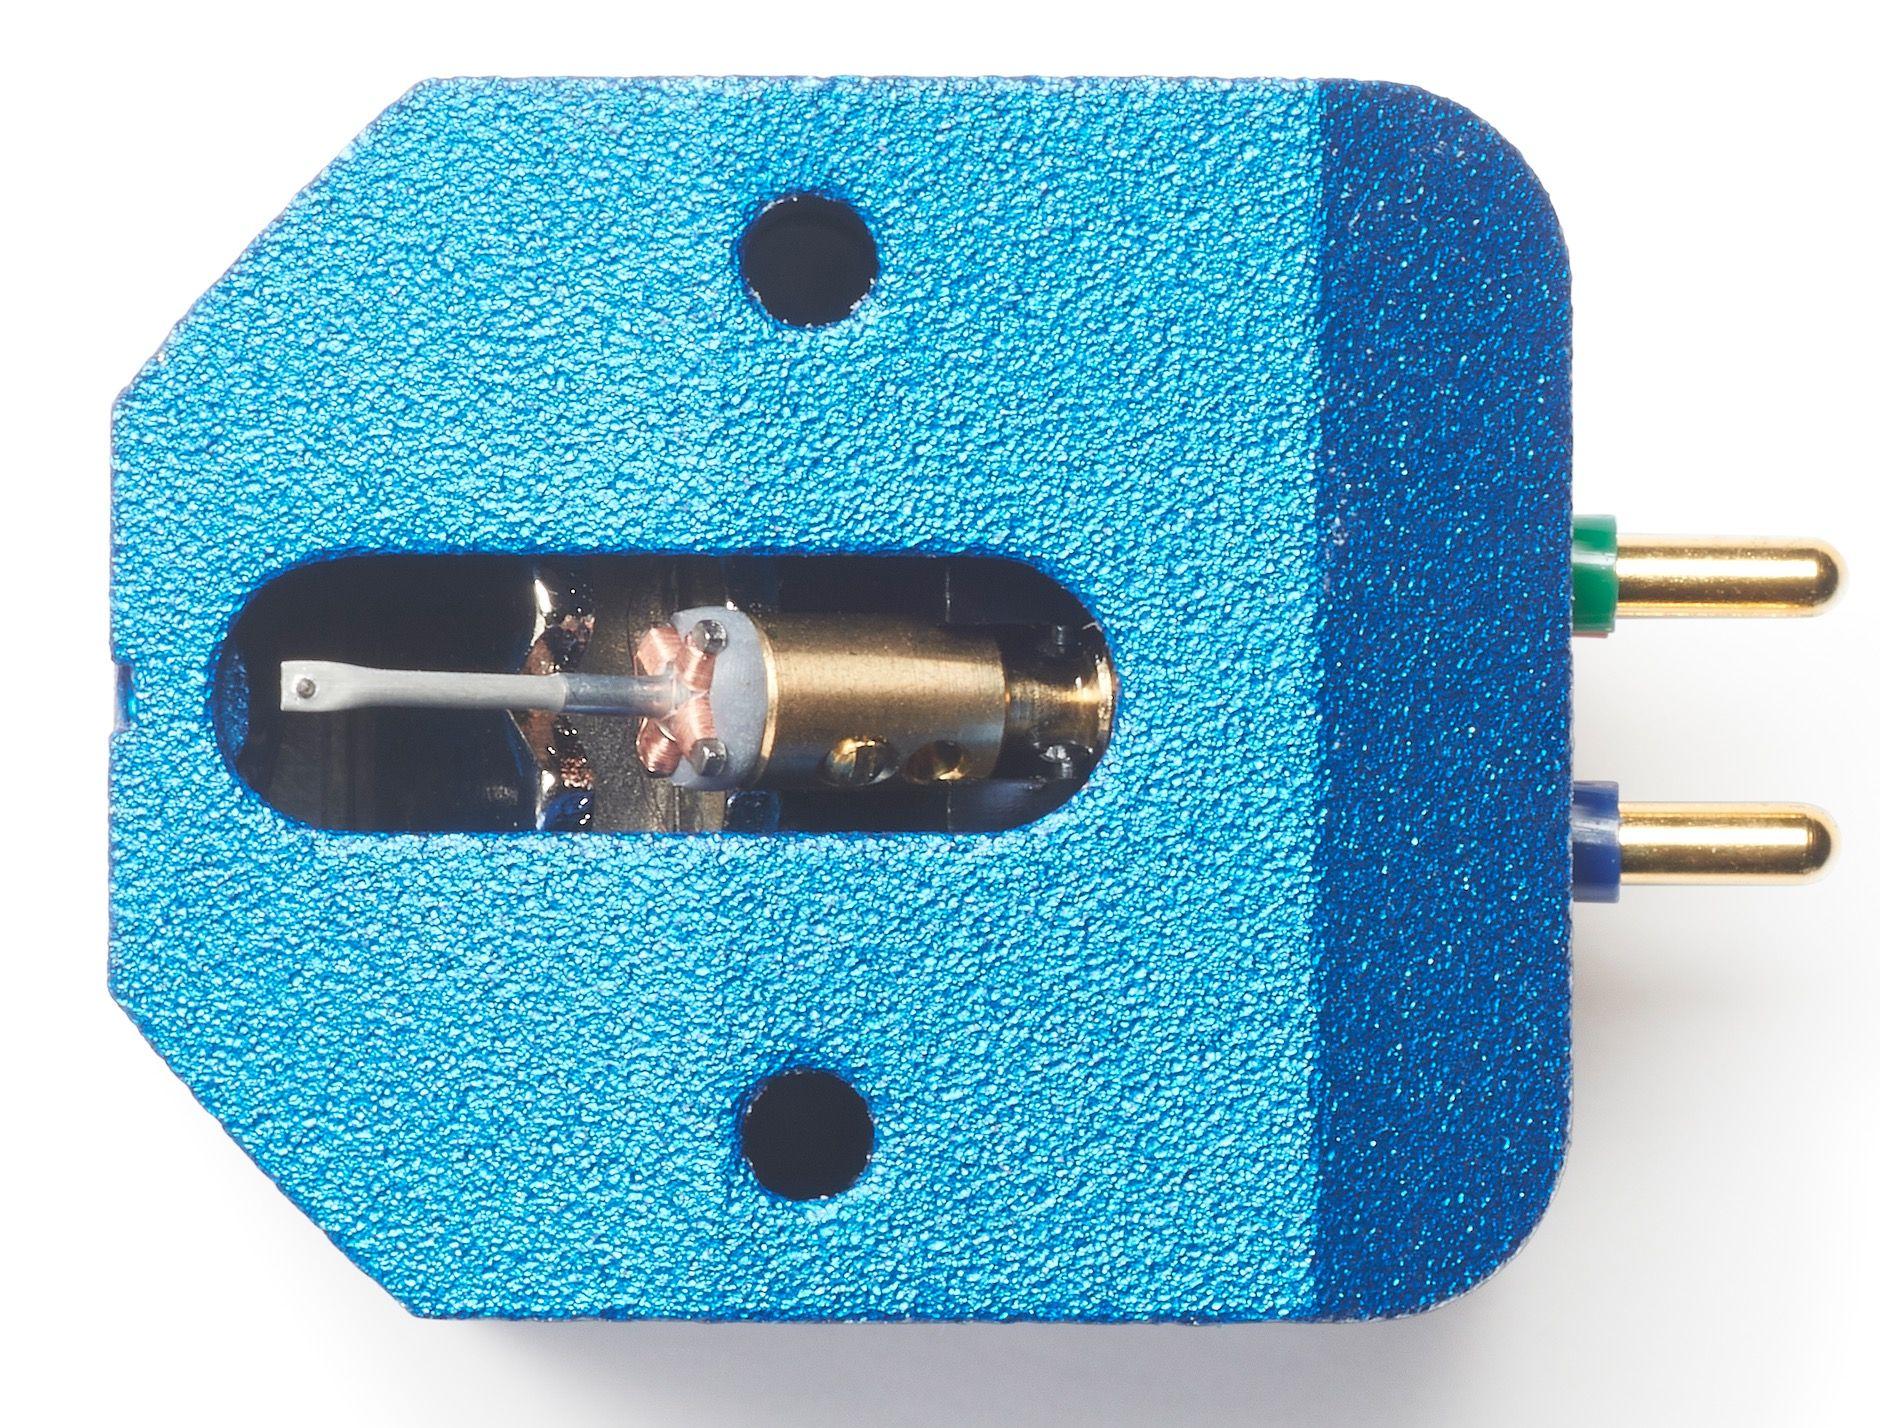 Blue Diamond Generator Review